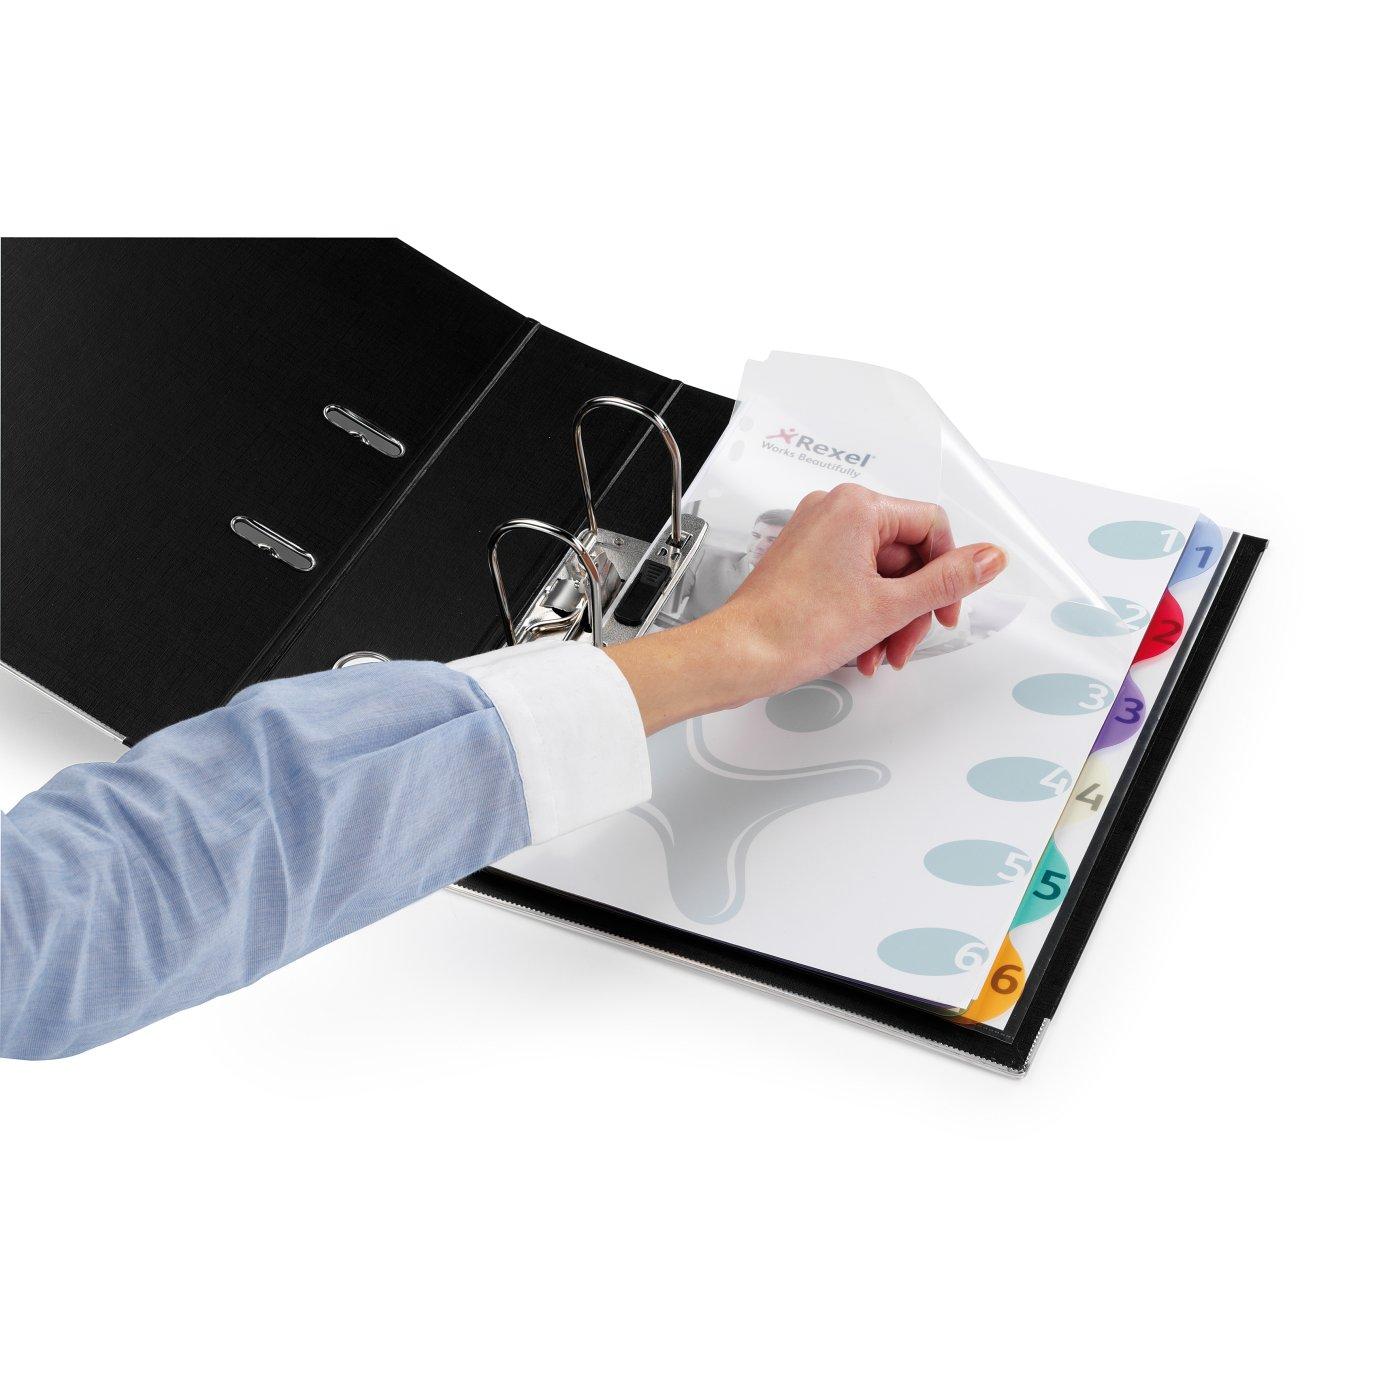 Rexel - Productos - Archivo - Índices y separadores - Separadores ...